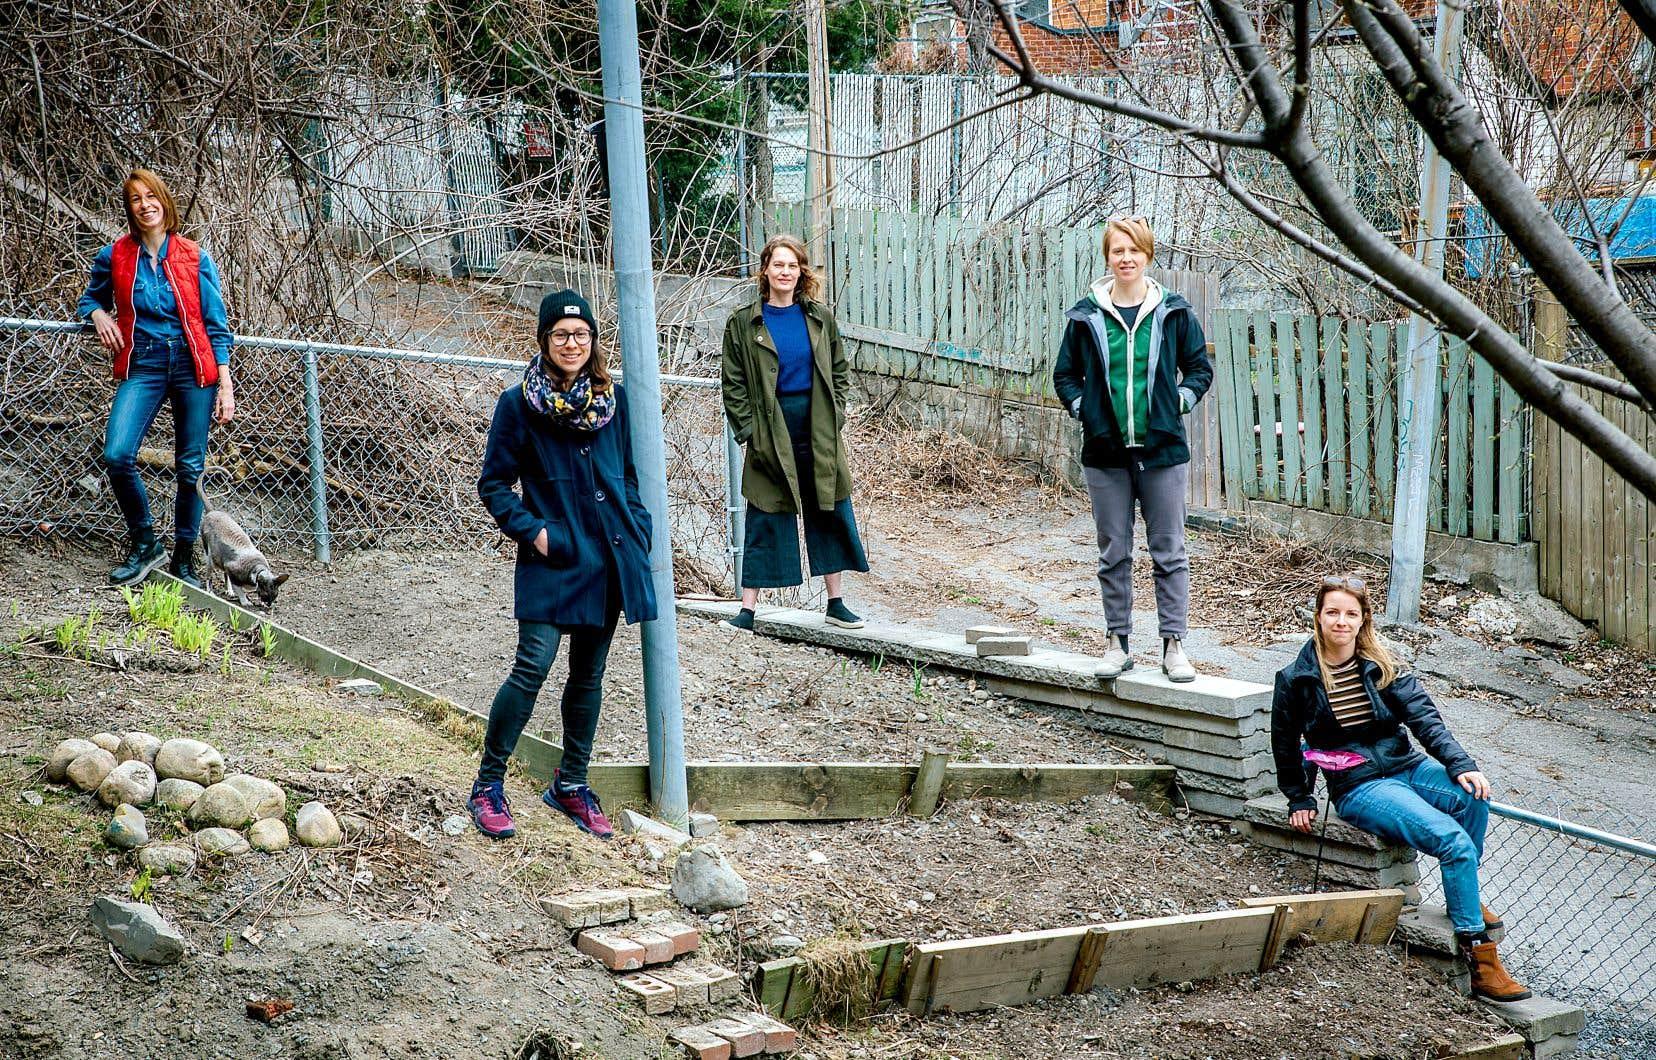 Camille Patry-Desjardins (avec un gilet rouge) et des voisines de sa coopérative d'habitation ont aménagé une partie de leur cour pour y planter des légumes.